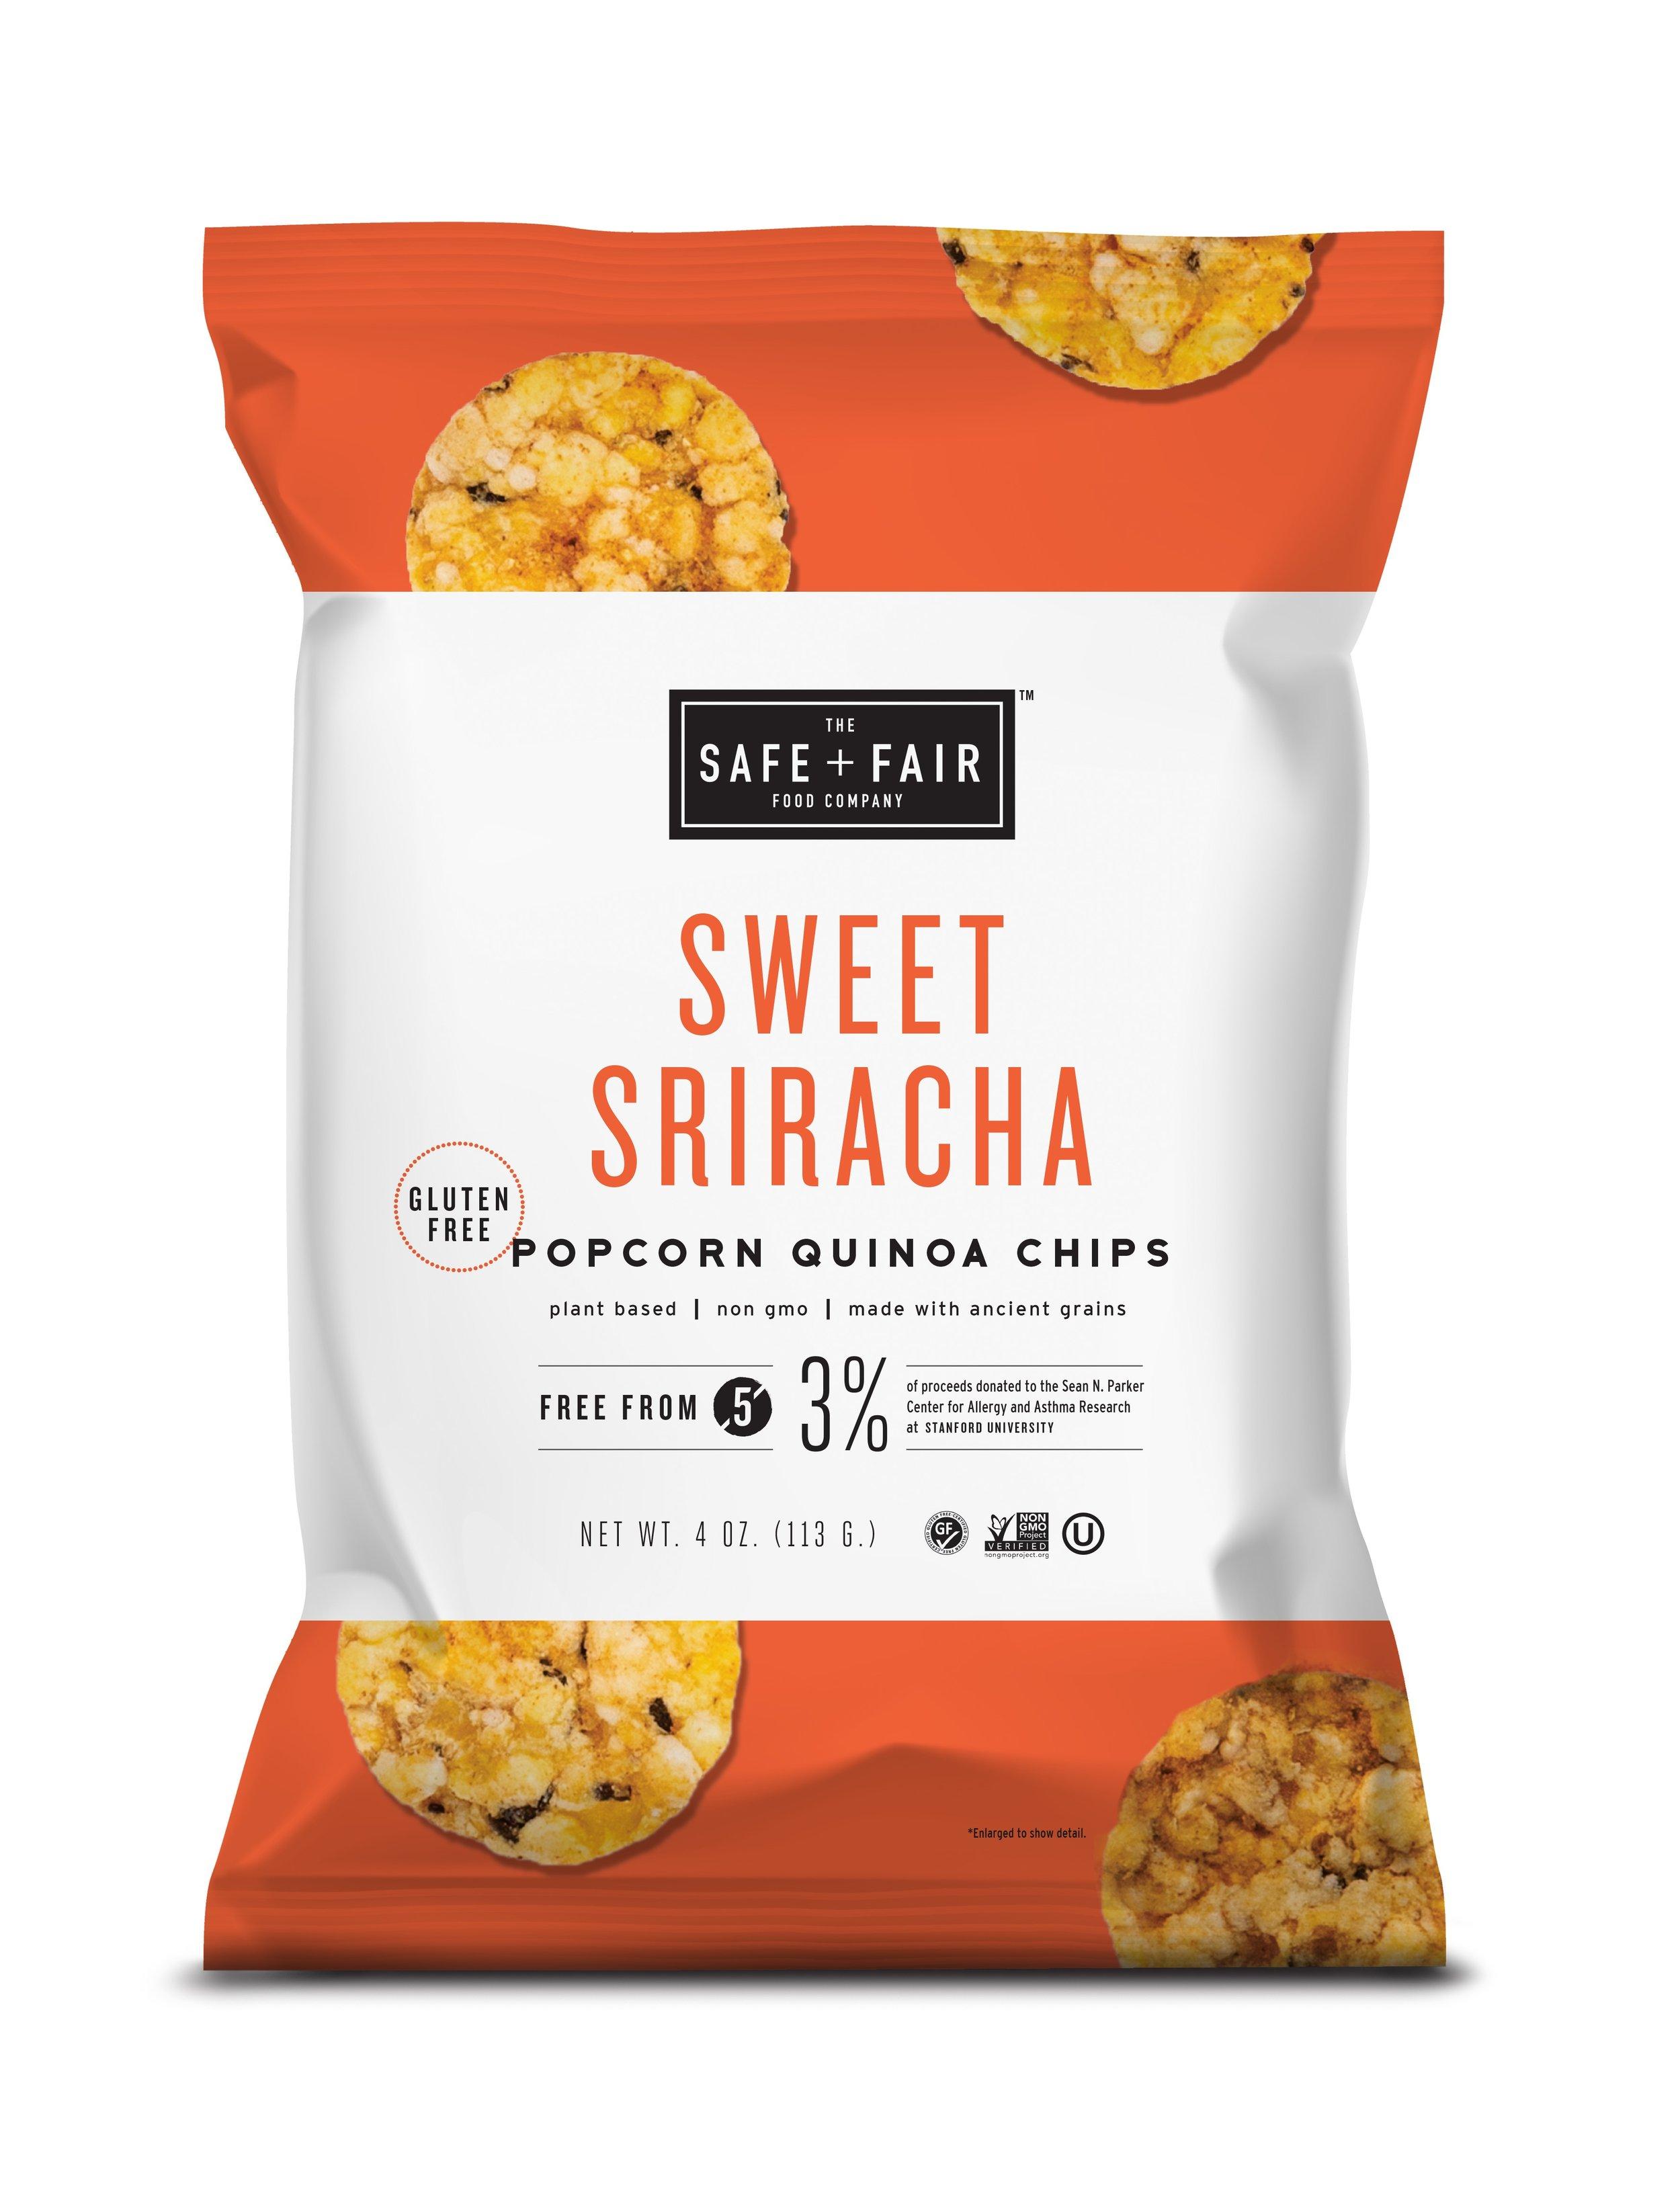 PopcornQuinoaChips_SweetSriracha_Front.jpg